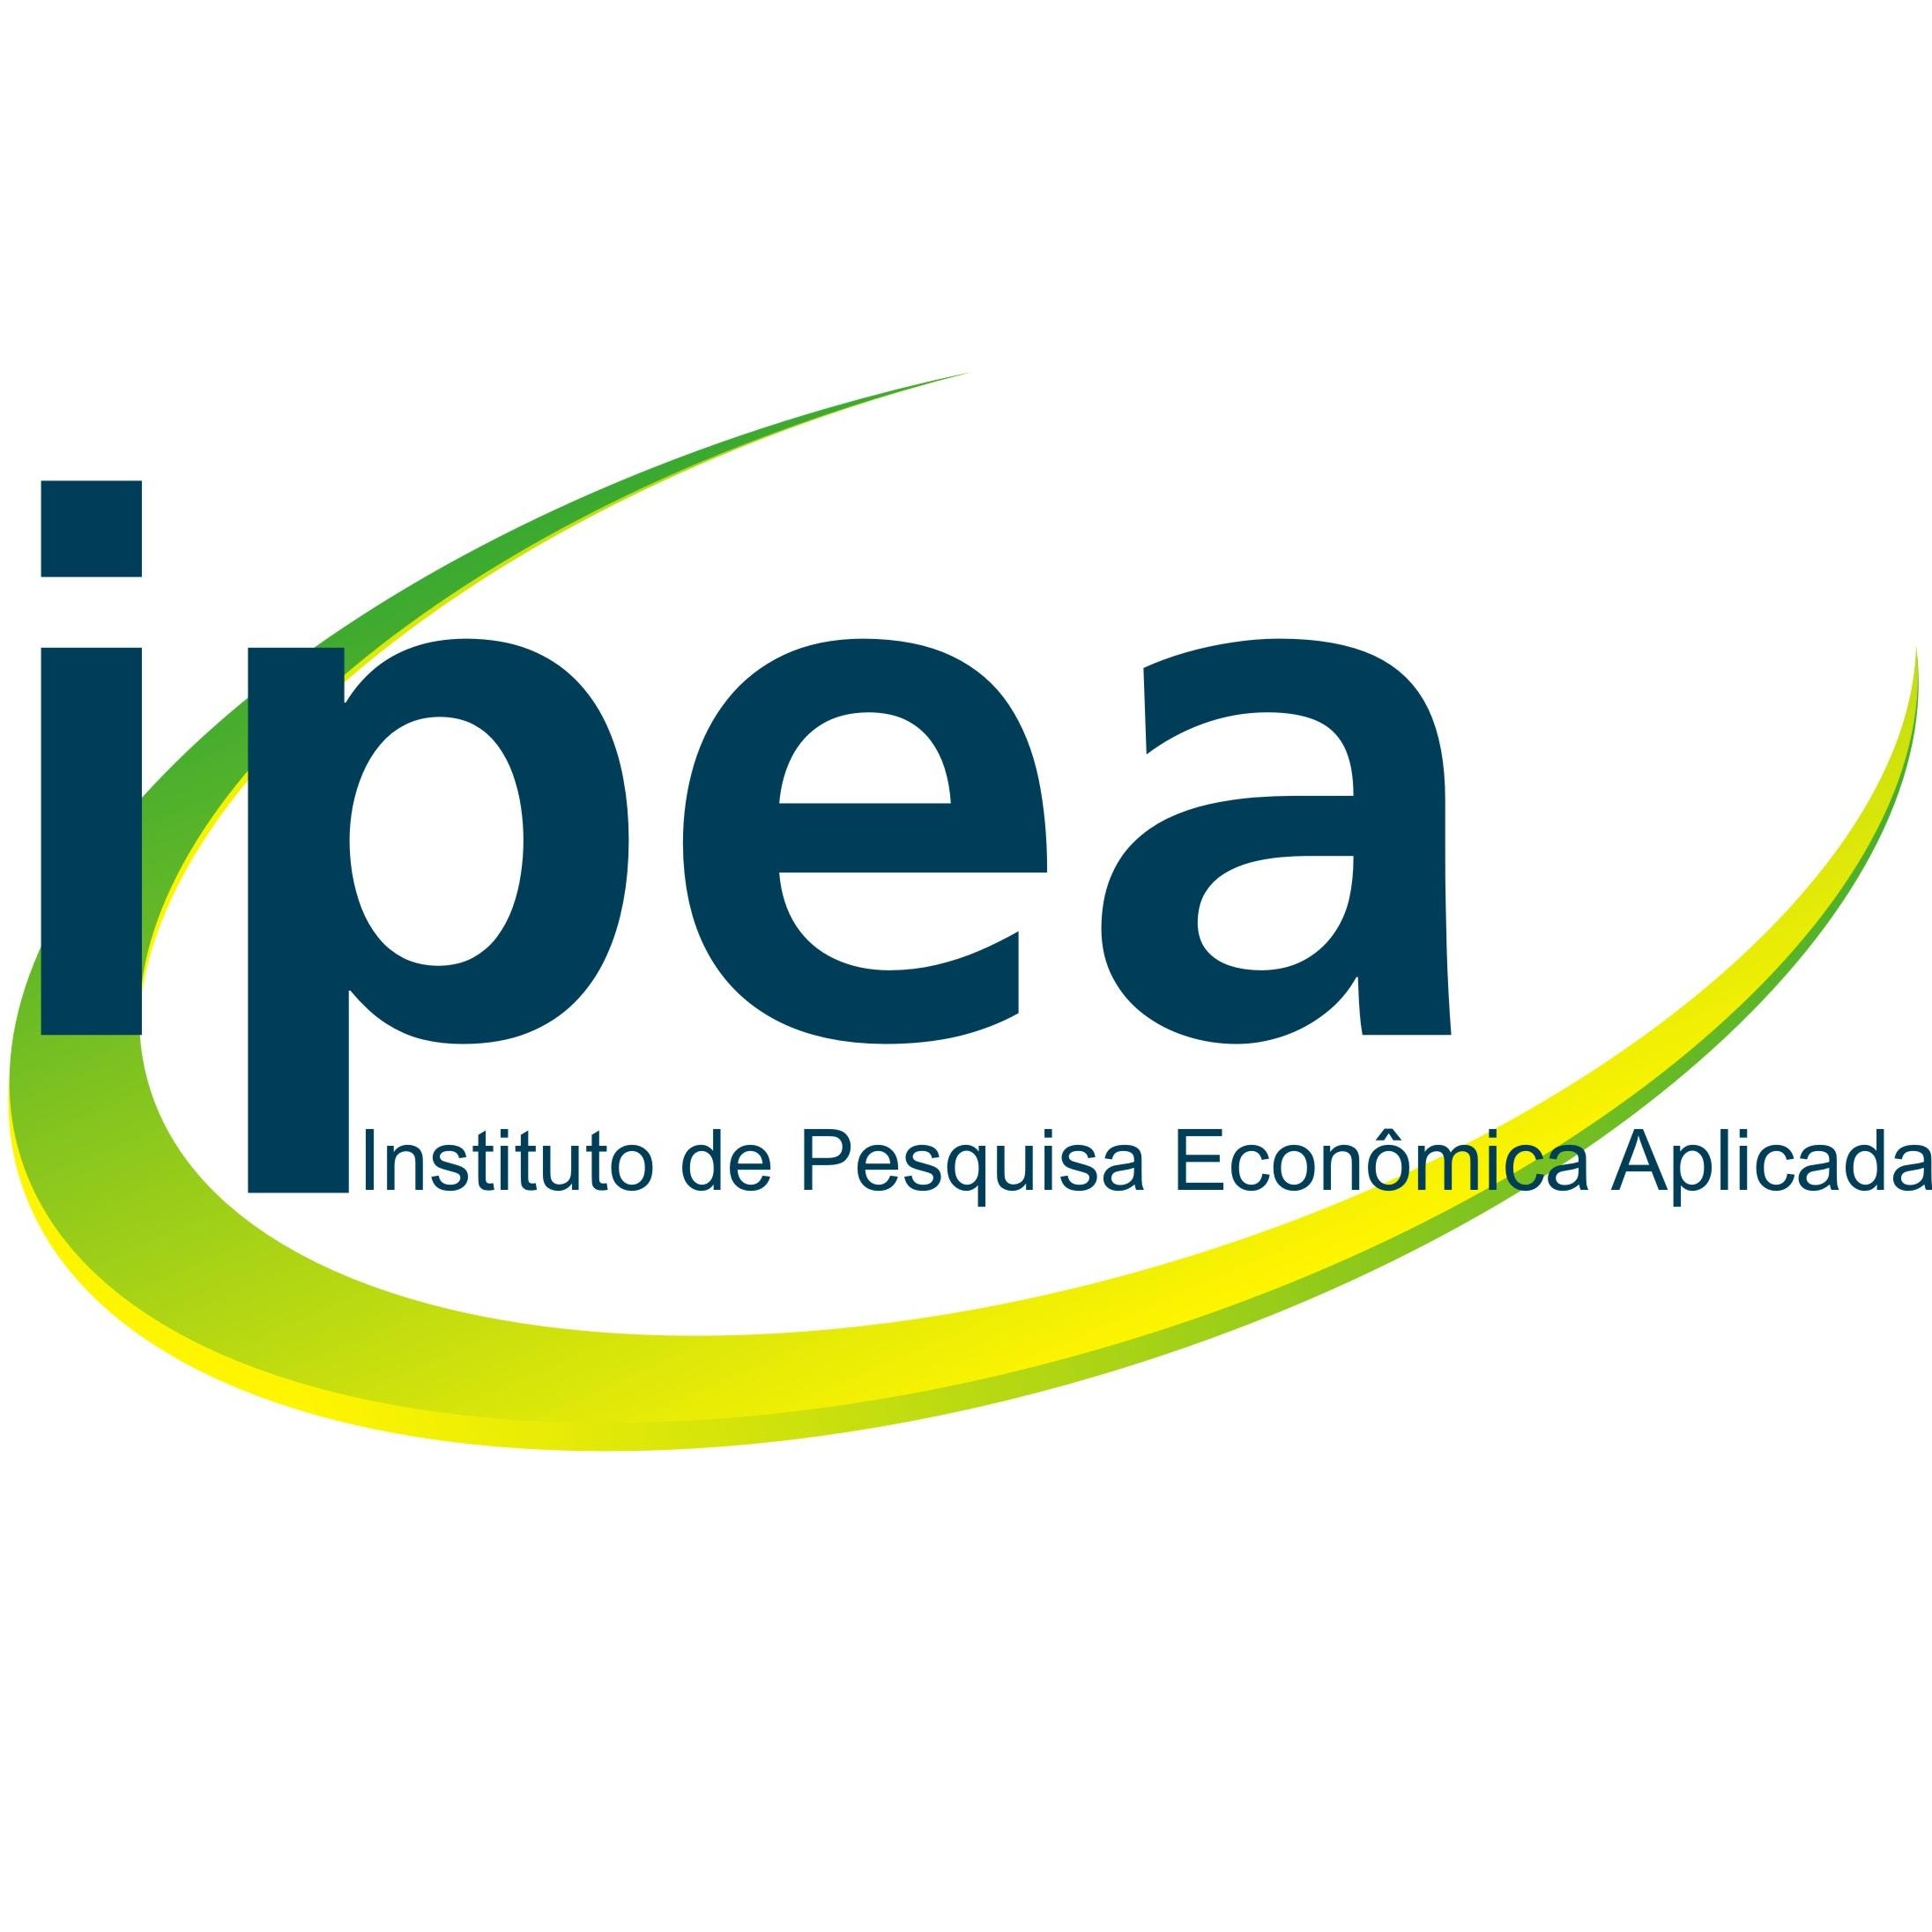 Ipea (Instituto De Pesquisa Econômica Aplicada)